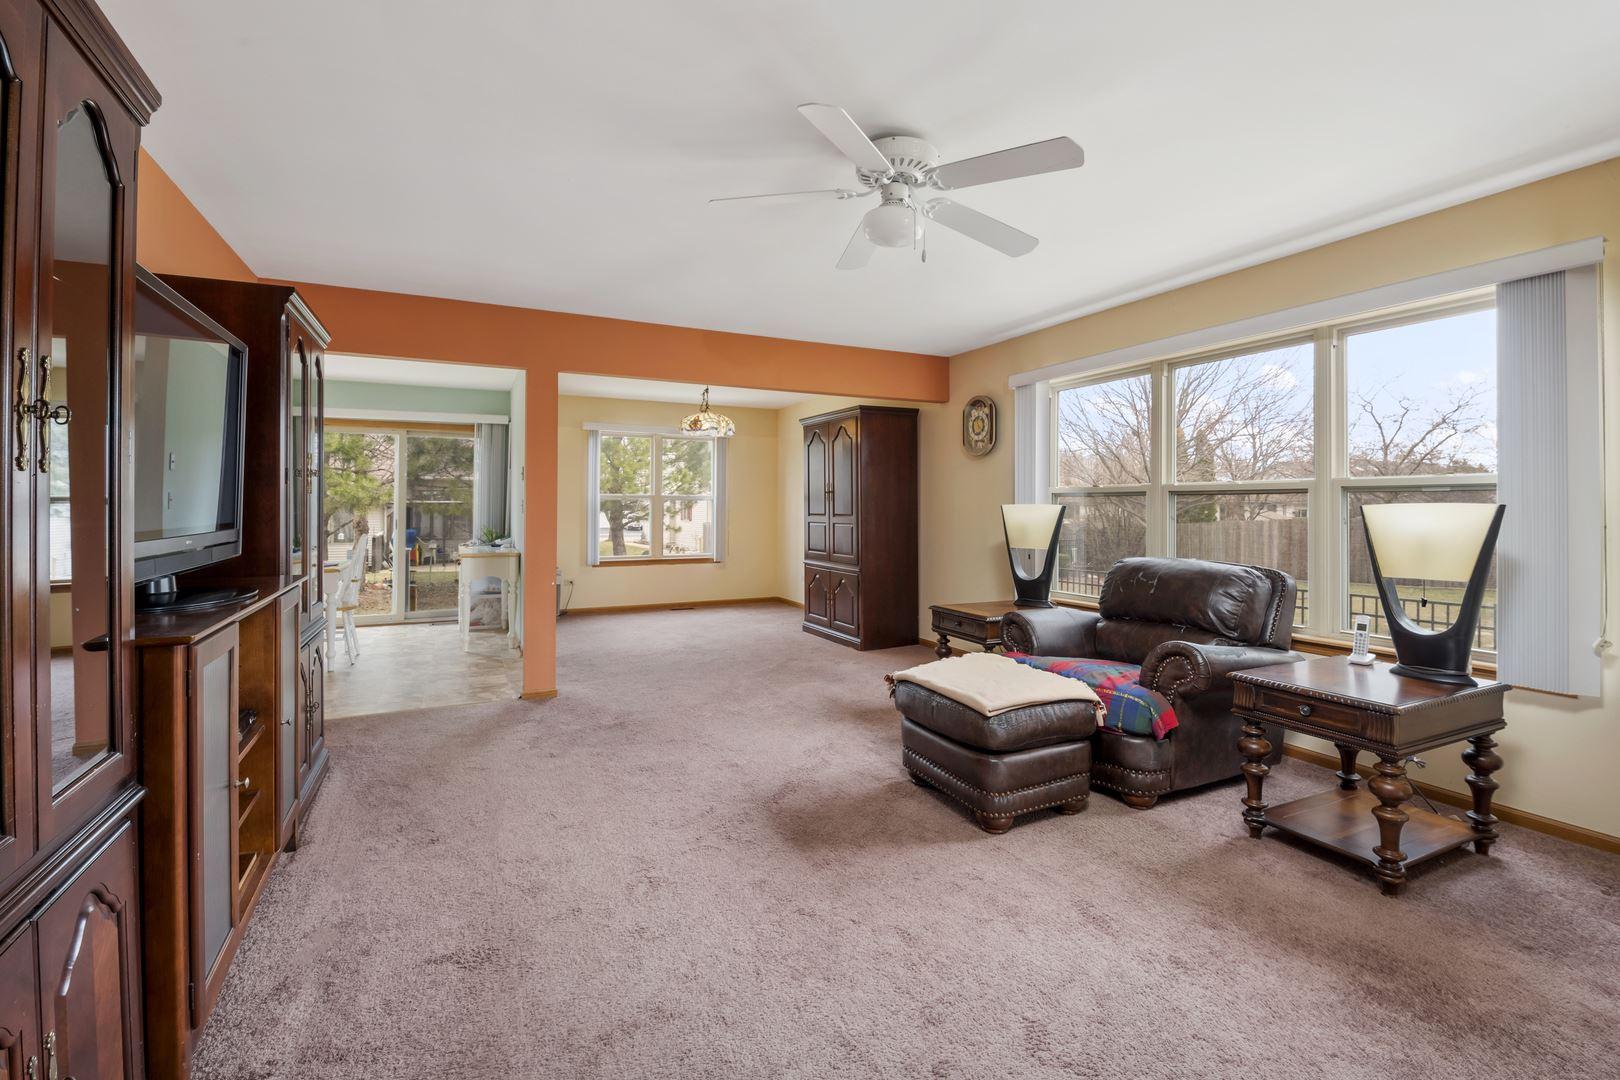 Photo of 22922 Judith Drive, Plainfield, IL 60586 (MLS # 11019361)